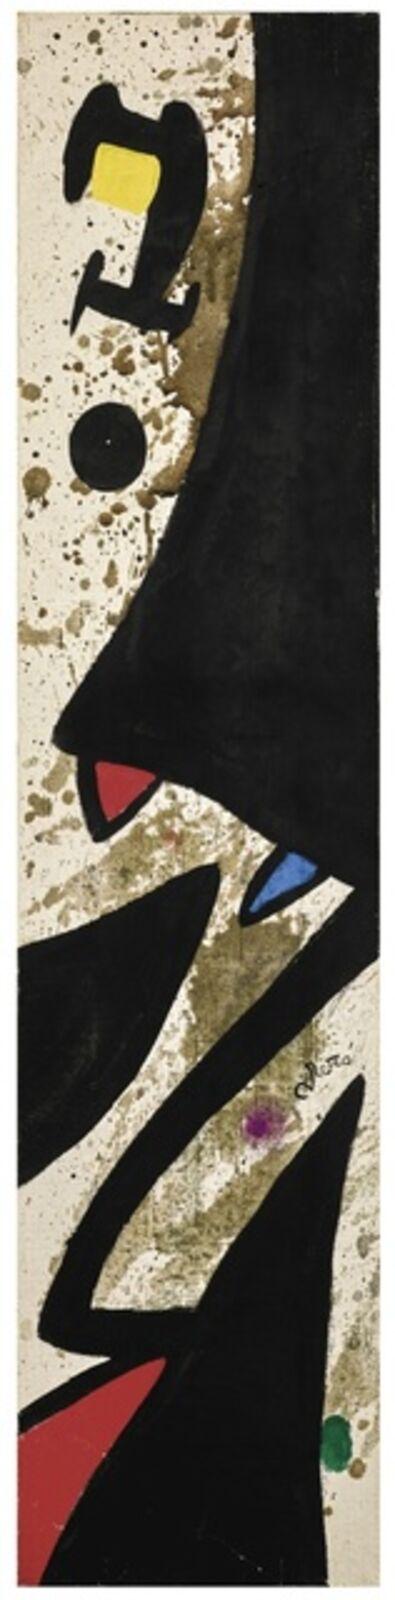 Joan Miró, 'Oiseaux', September 2nd-1972